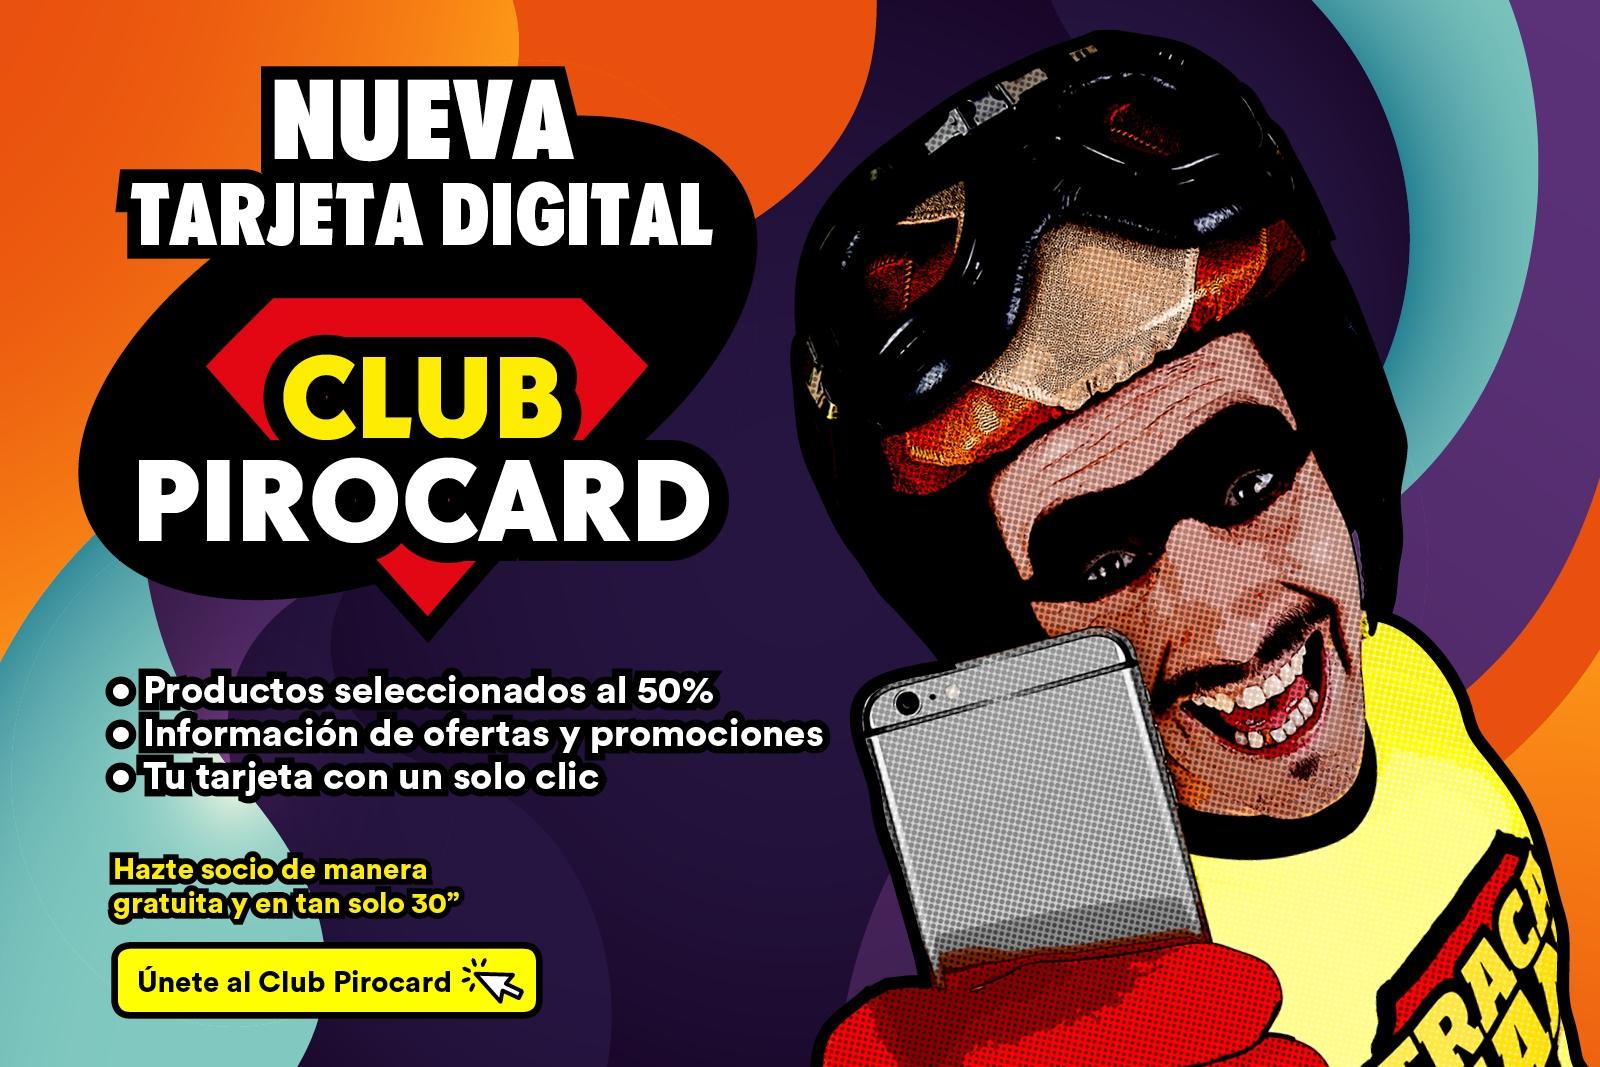 pirocard club